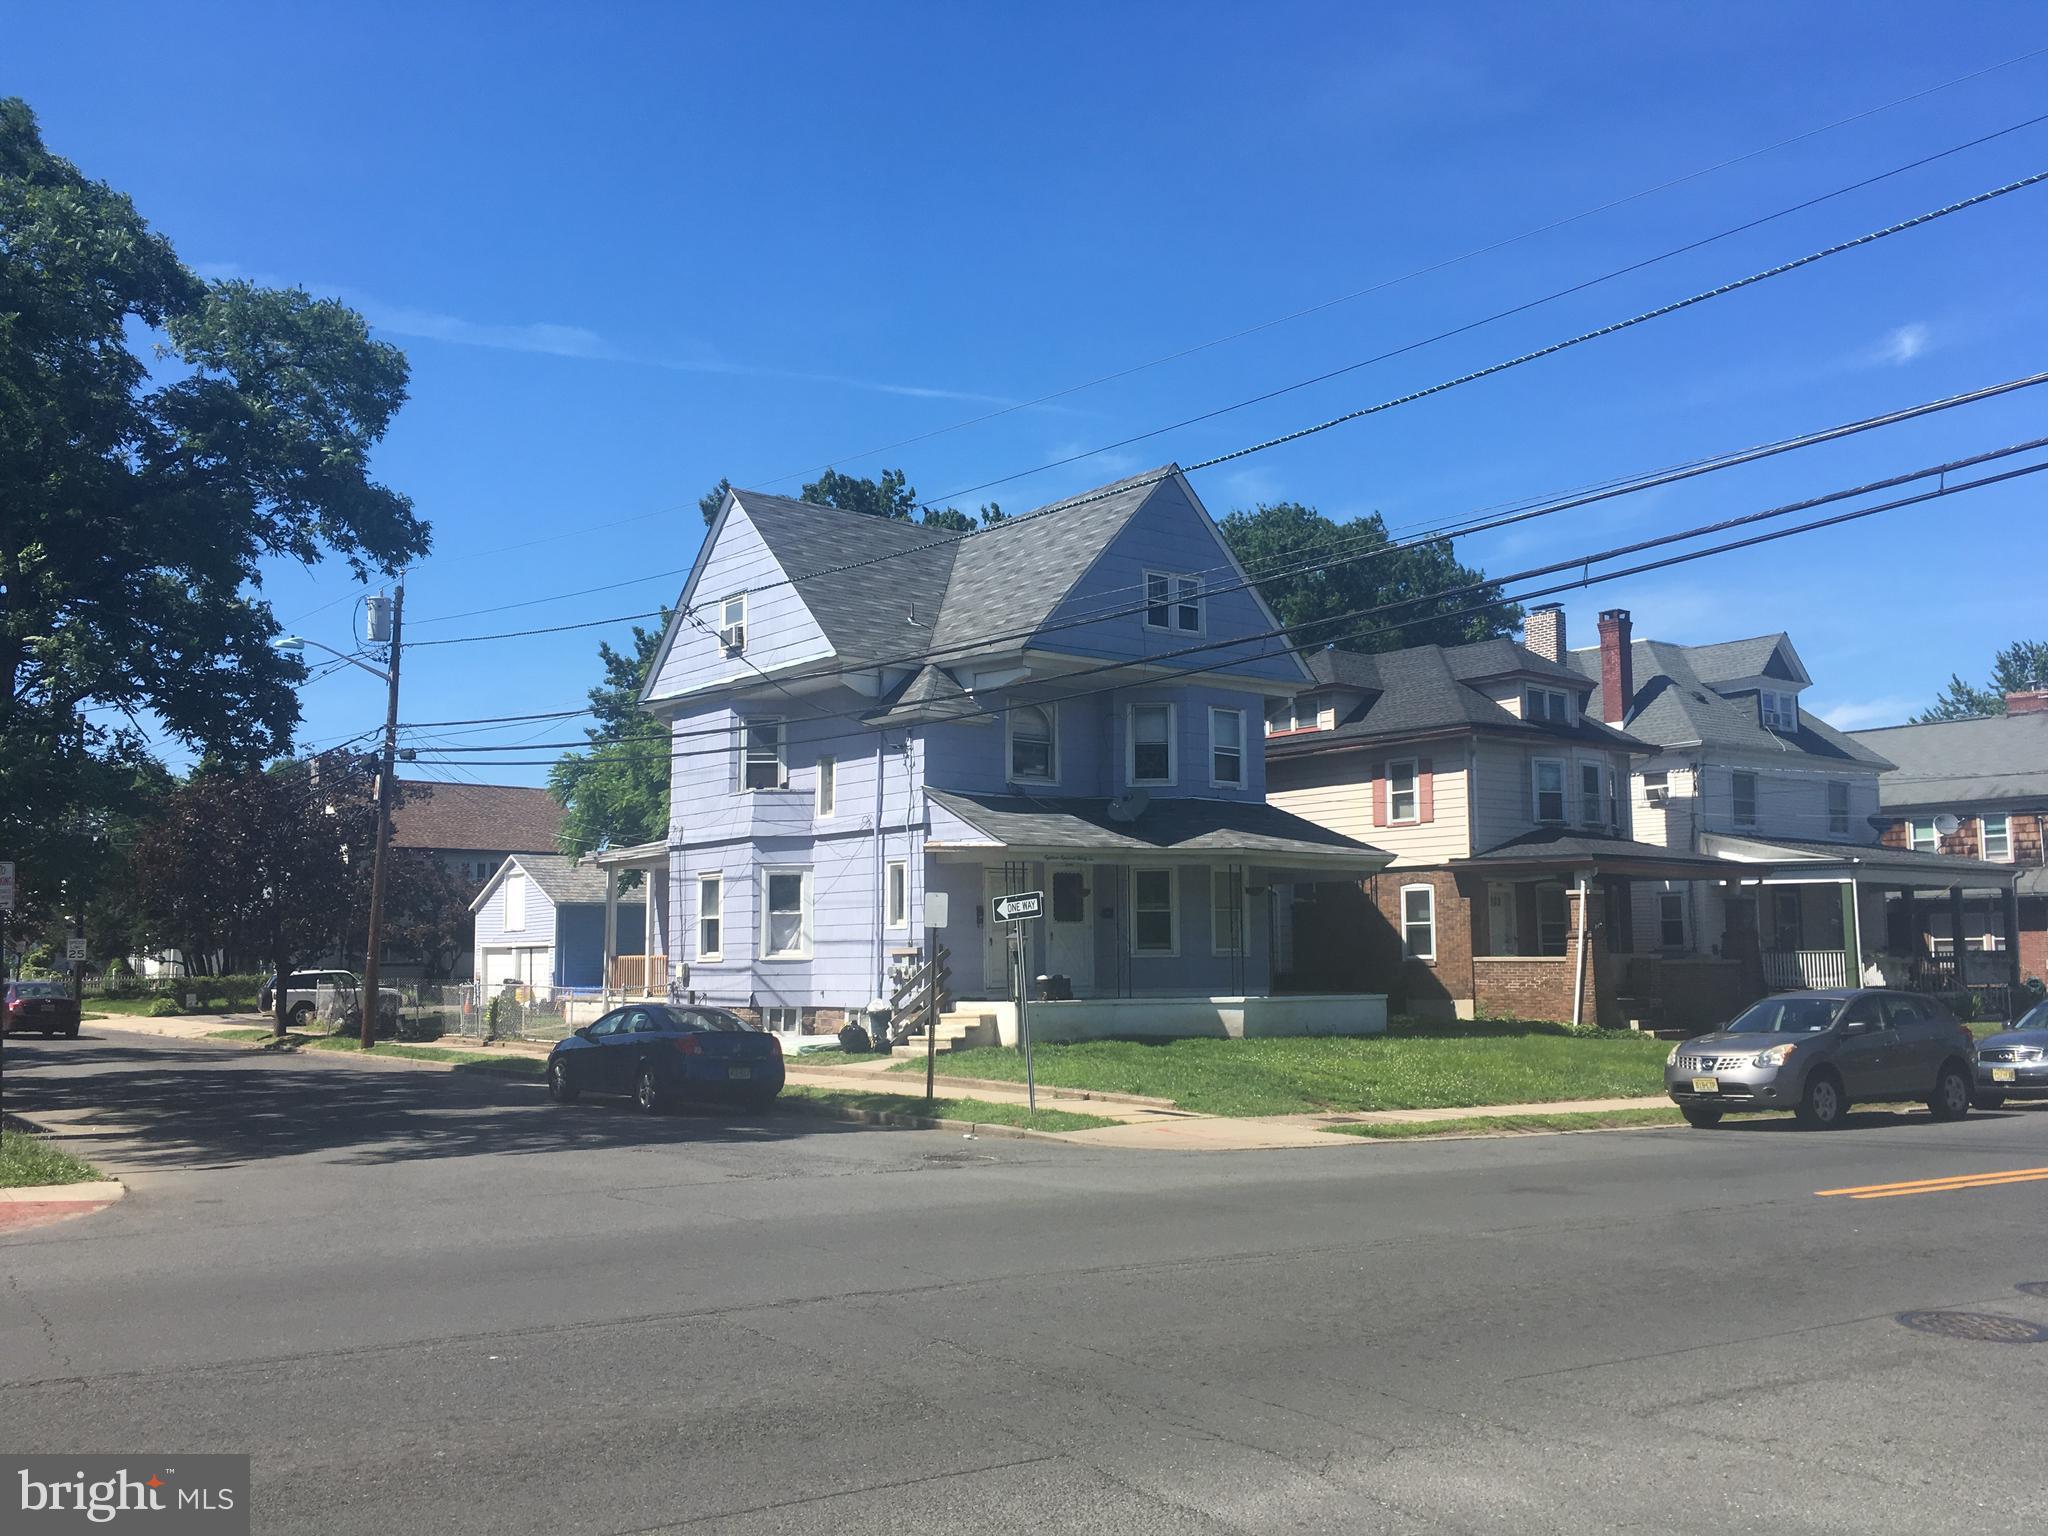 1832 GREENWOOD AVENUE, TRENTON, NJ 08609